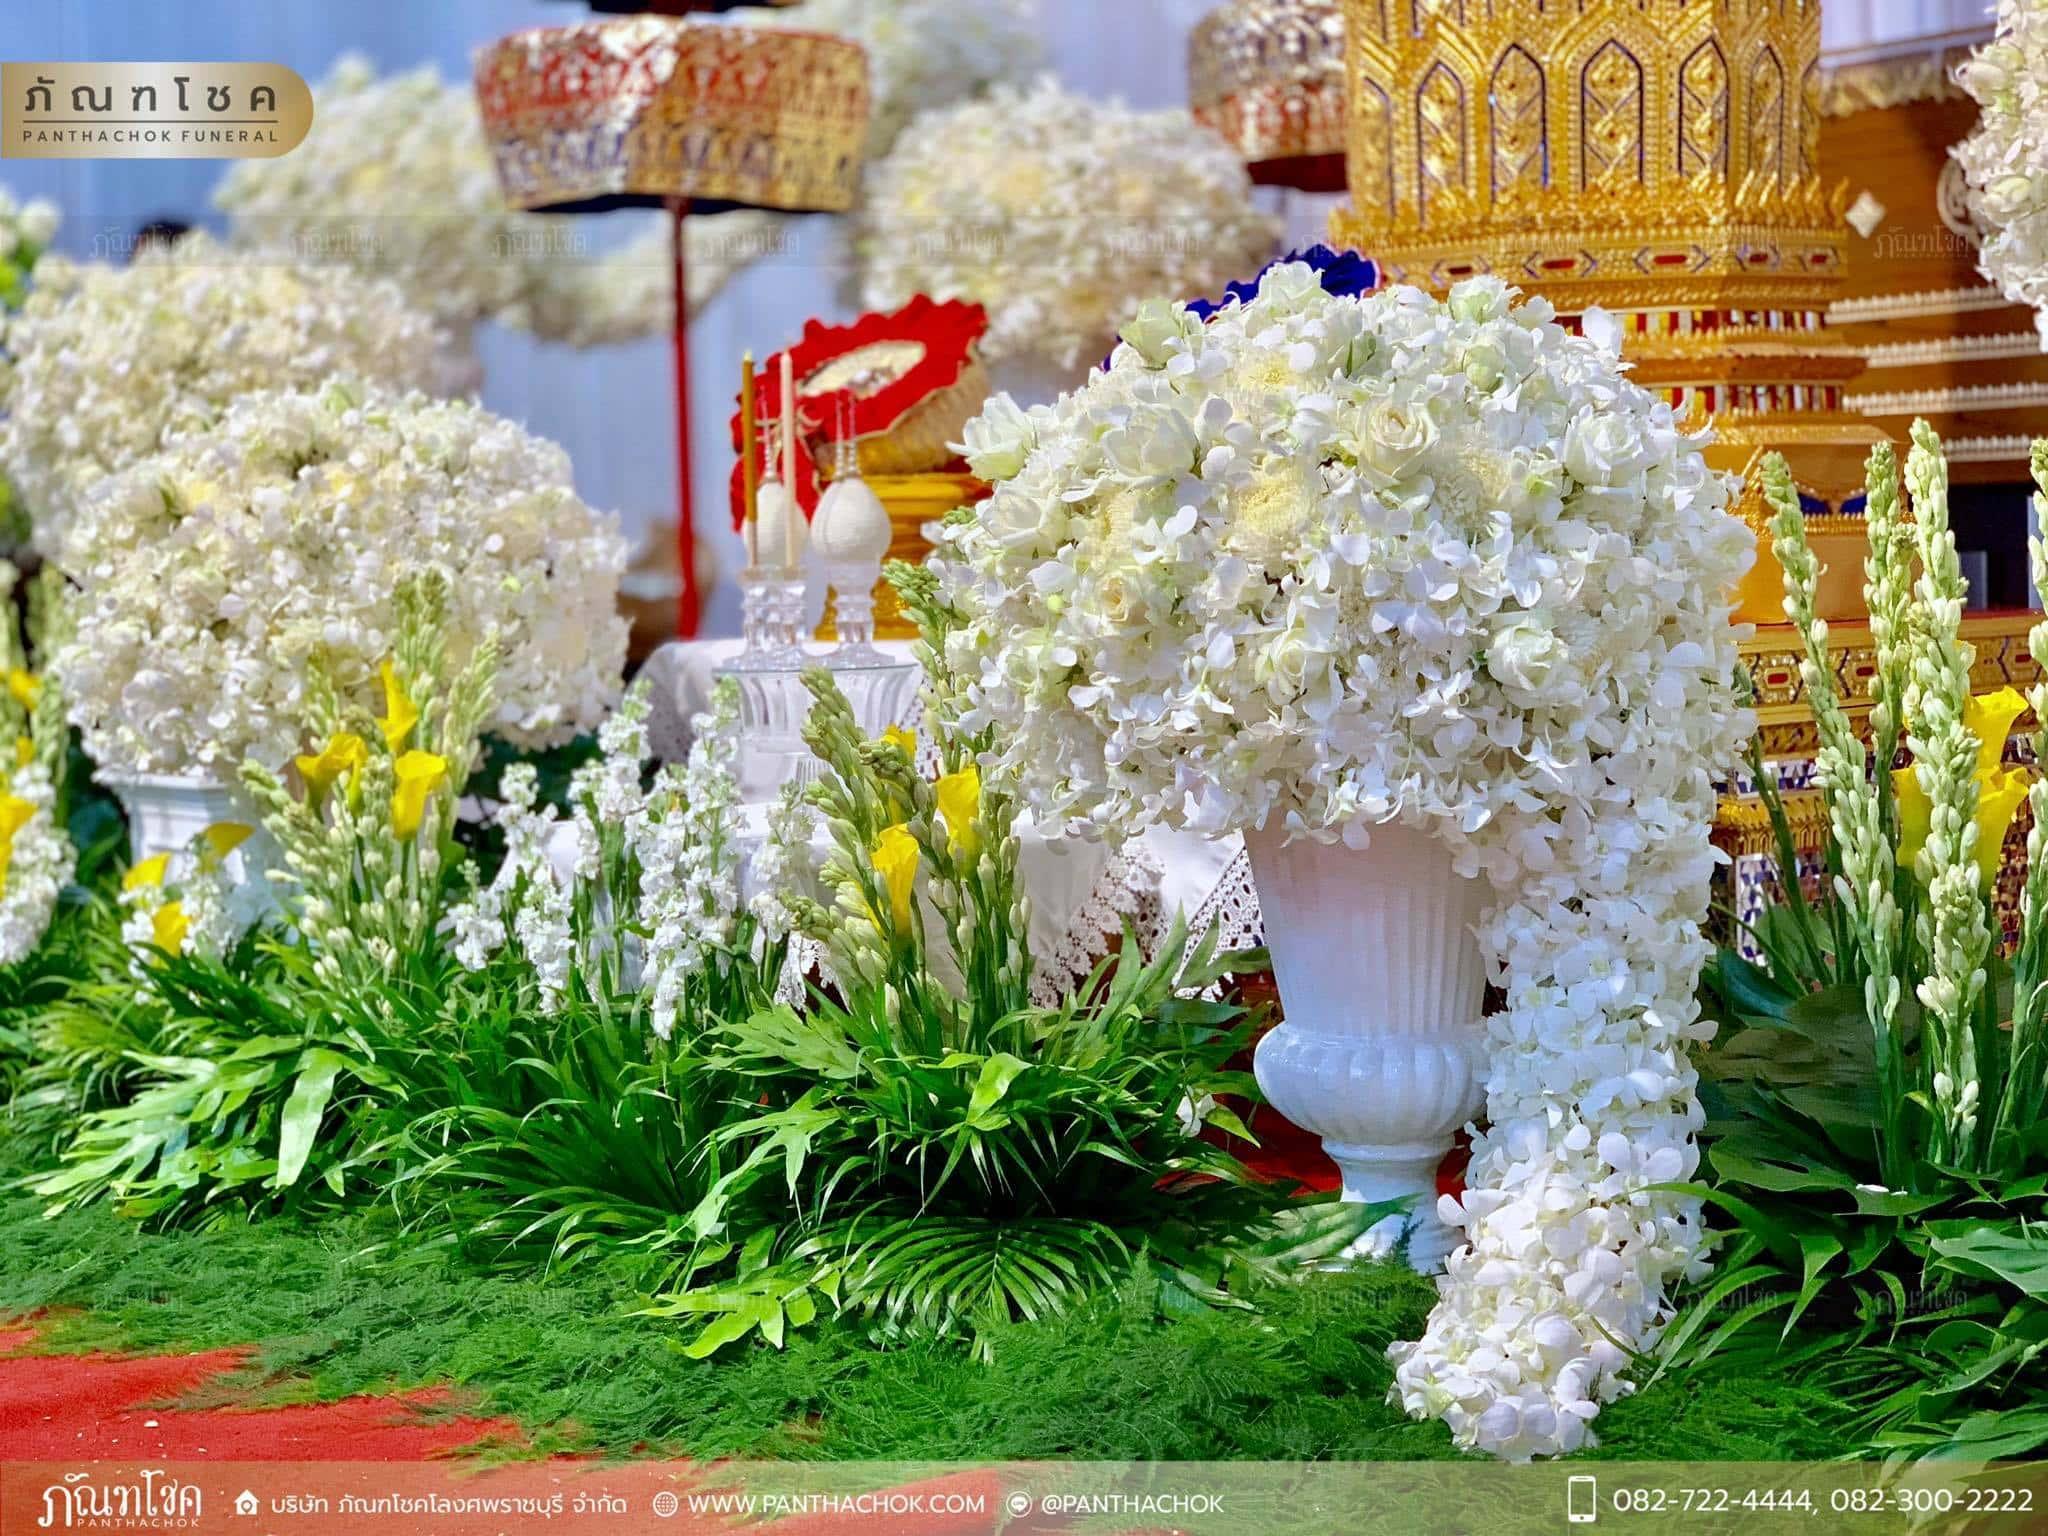 ดอกไม้ประดับหน้าโกศ อดีตผู้ว่าราชการจังหวัดราชบุรี 2